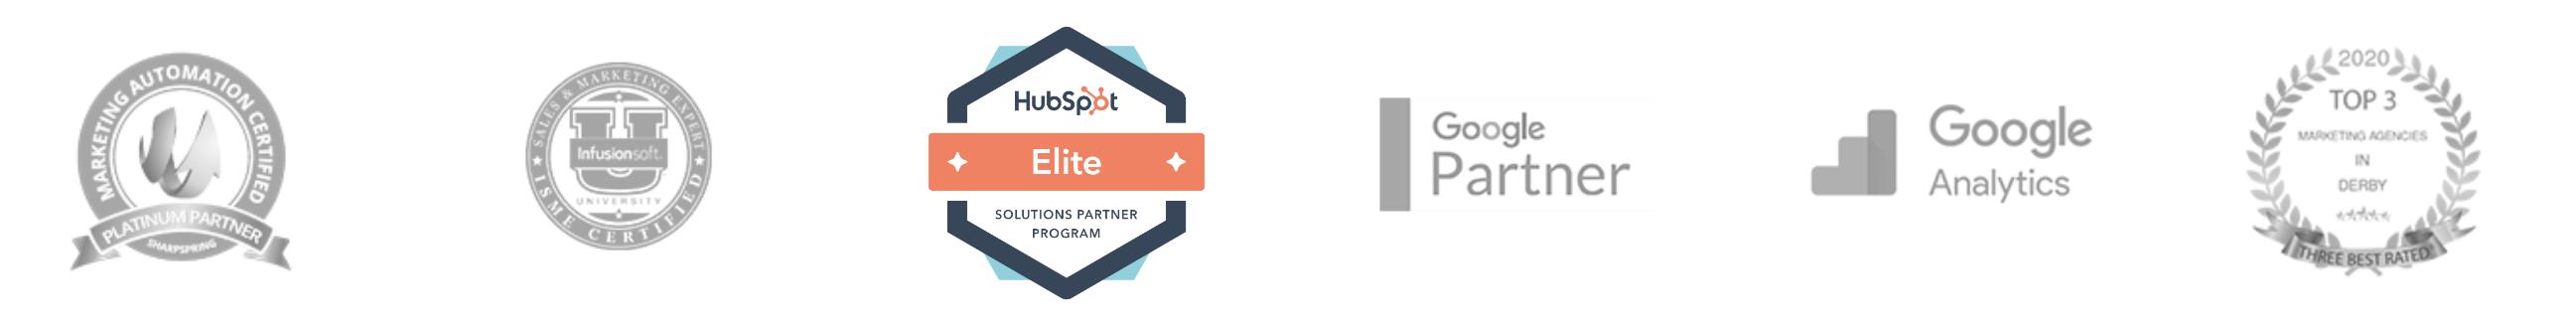 JDR Group Digital Marketing Services